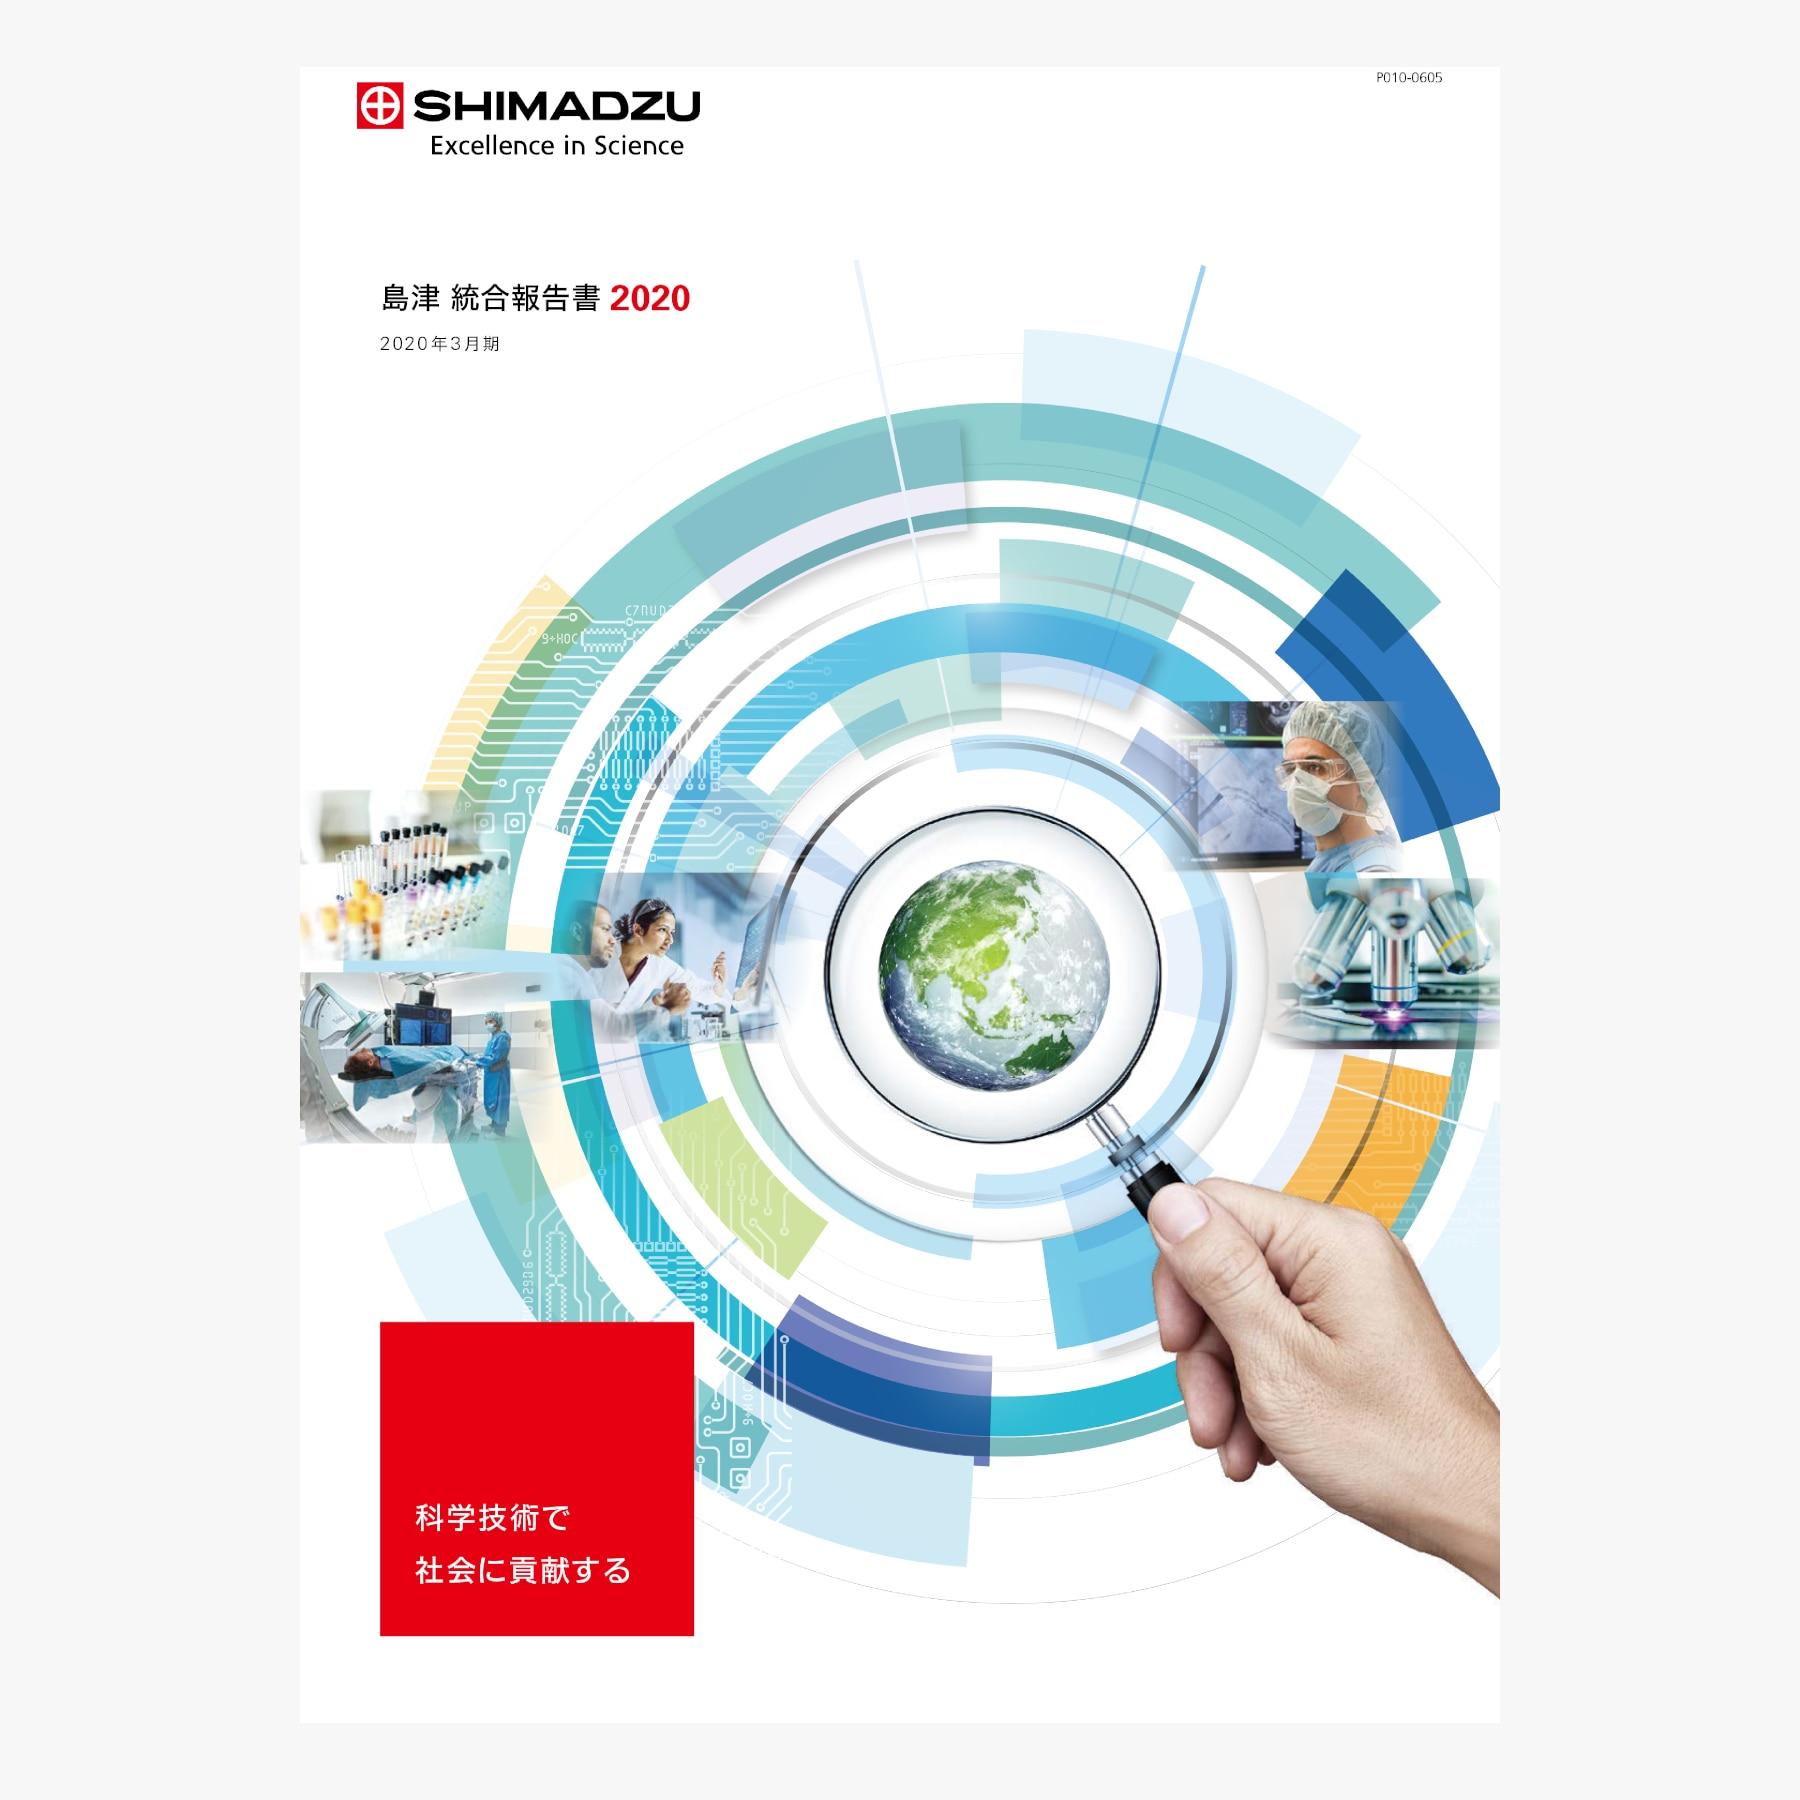 島津 統合報告書 2020」を発行 | SHIMADZU TODAY | 島津製作所